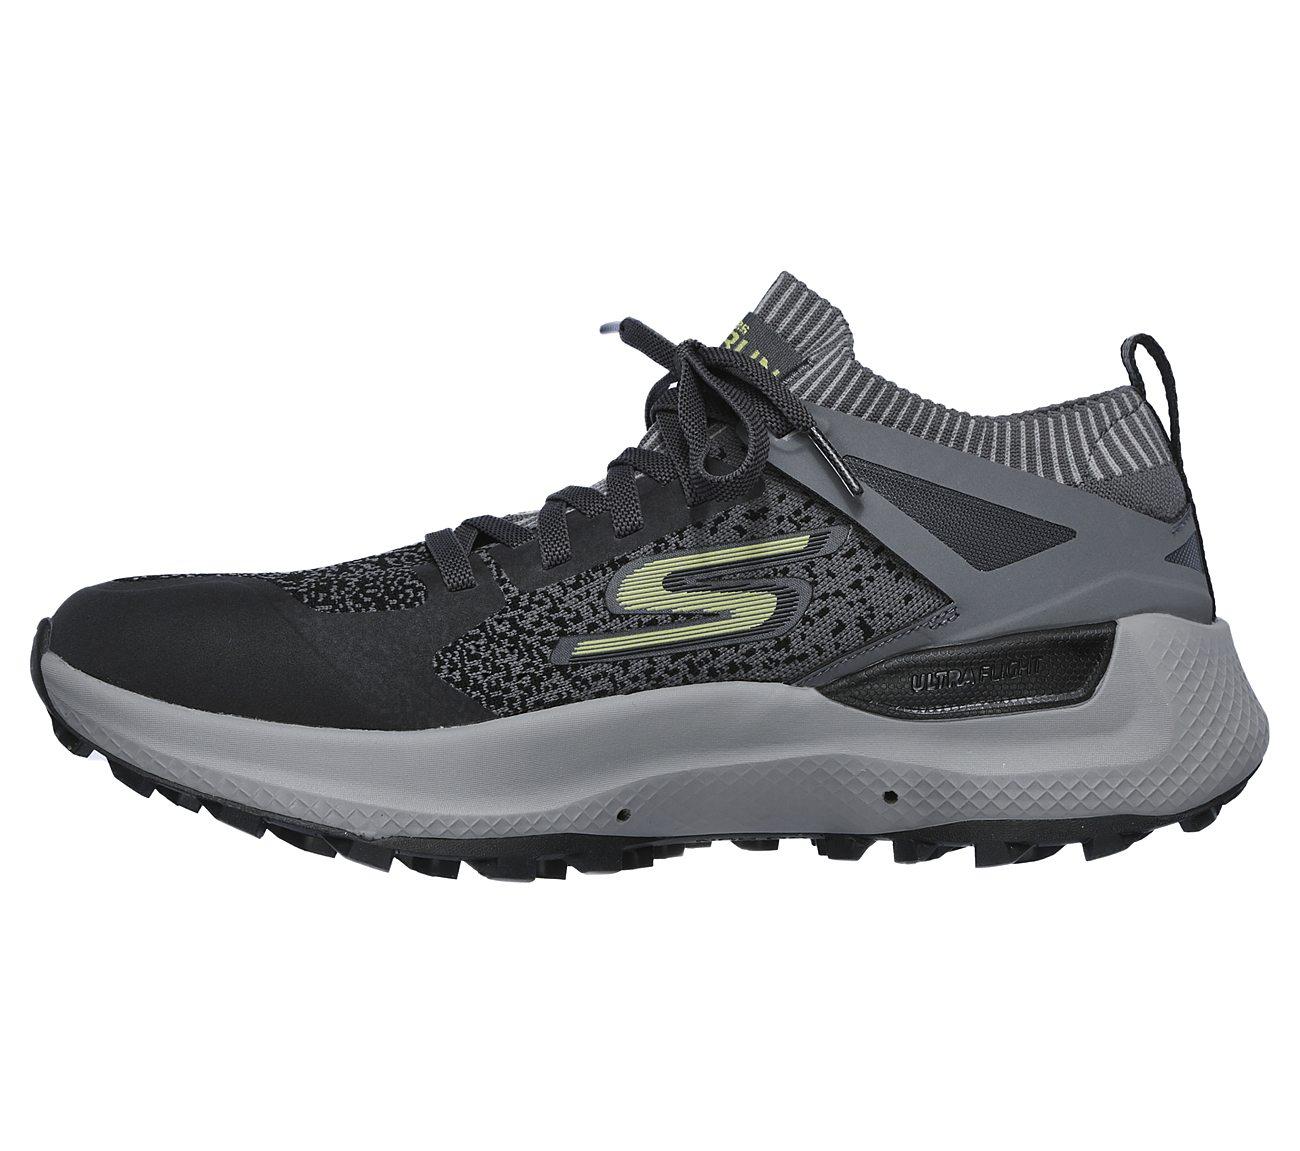 Skechers GOrun Ultra Trail Running Shoe Men's Charcoal